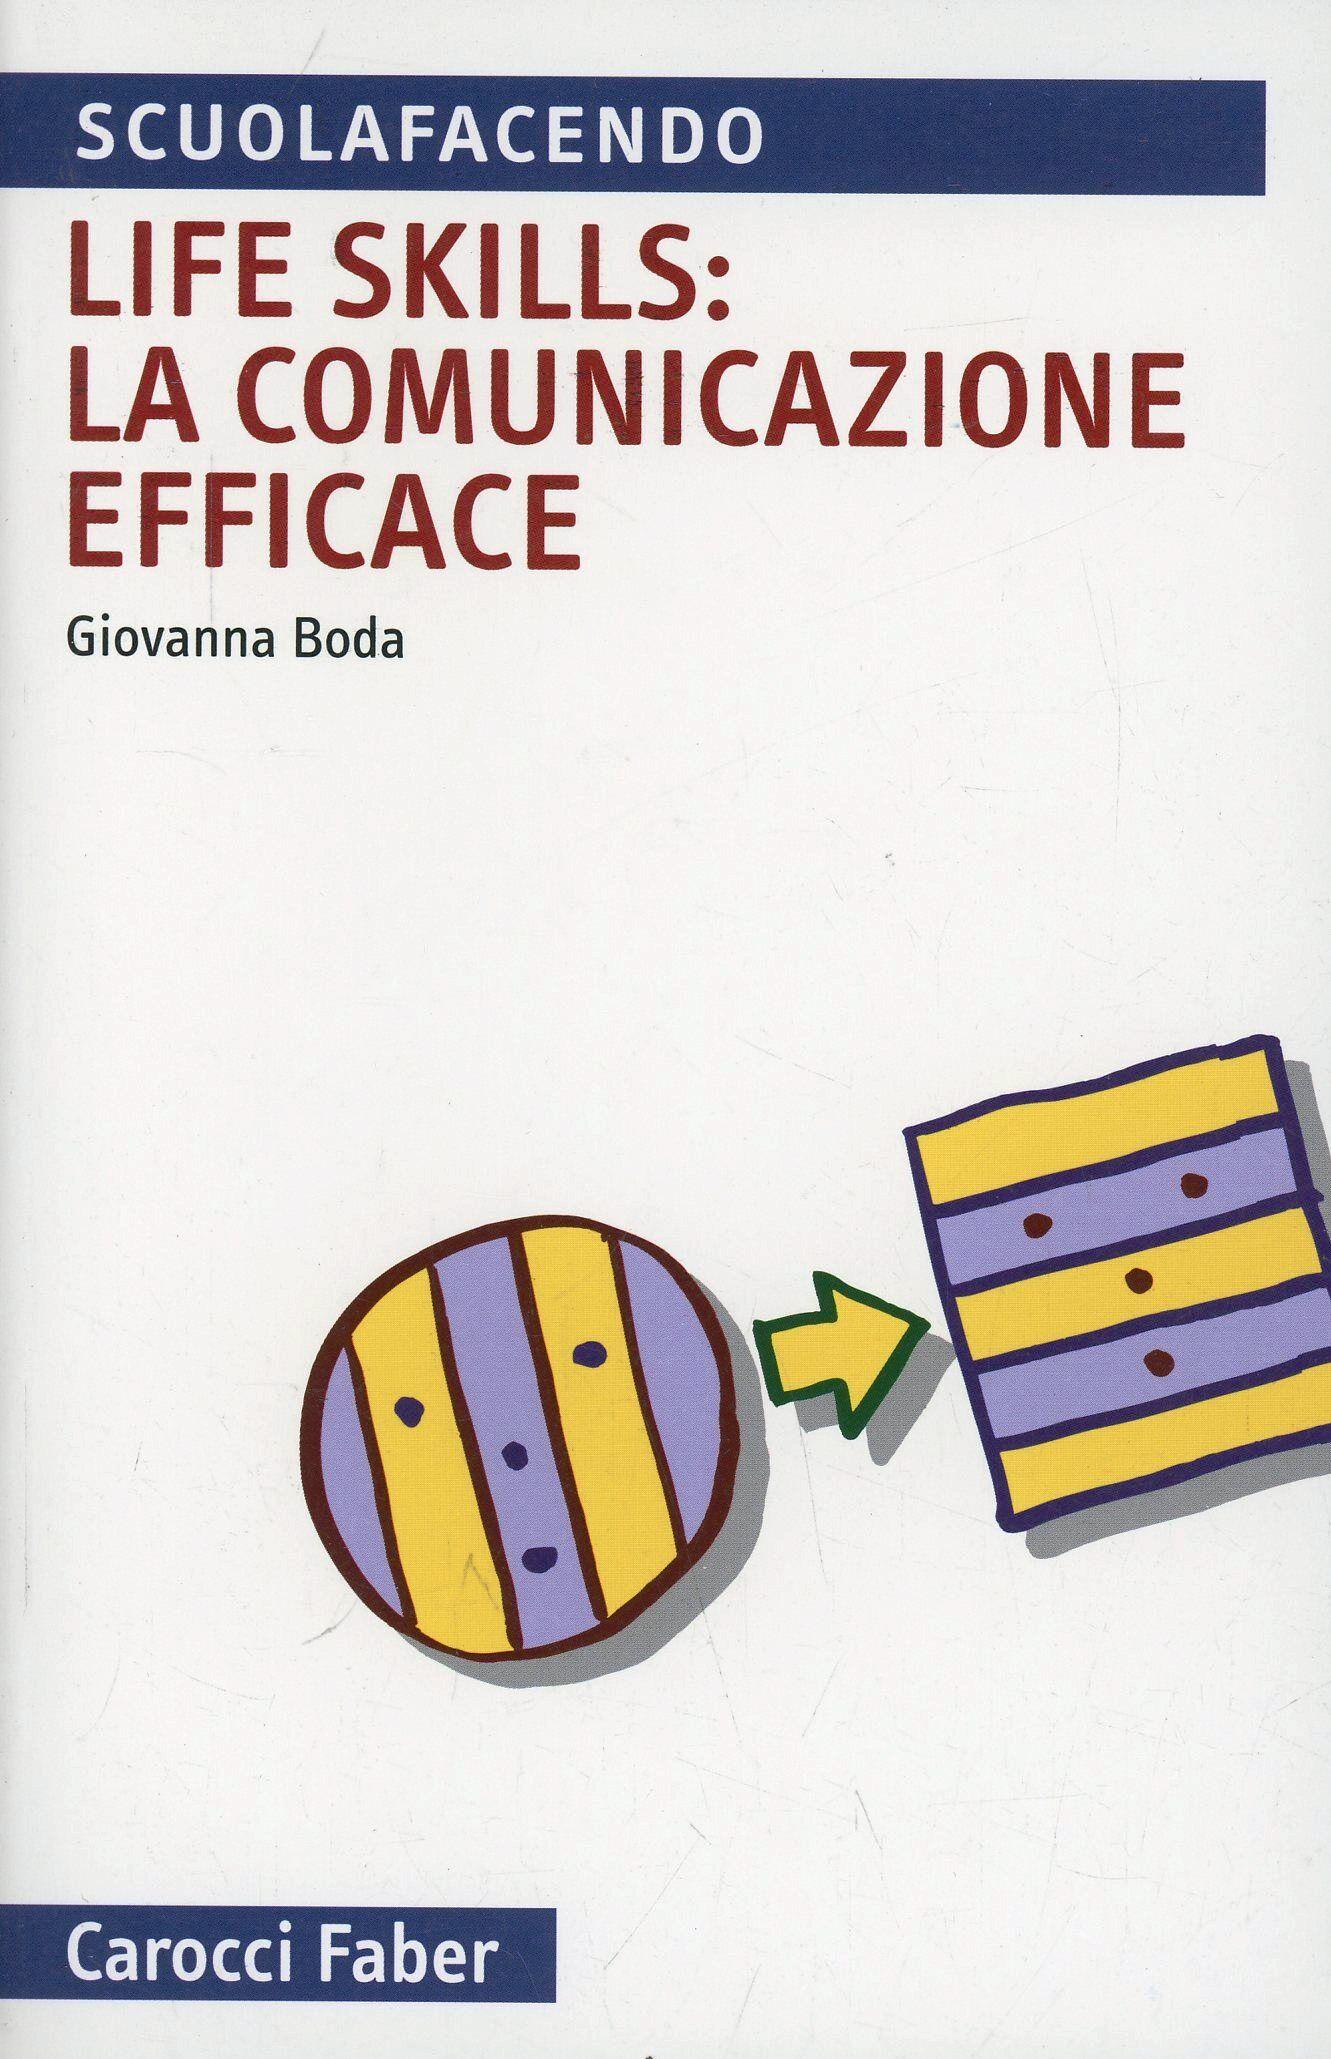 Life skills: la comunicazione efficace